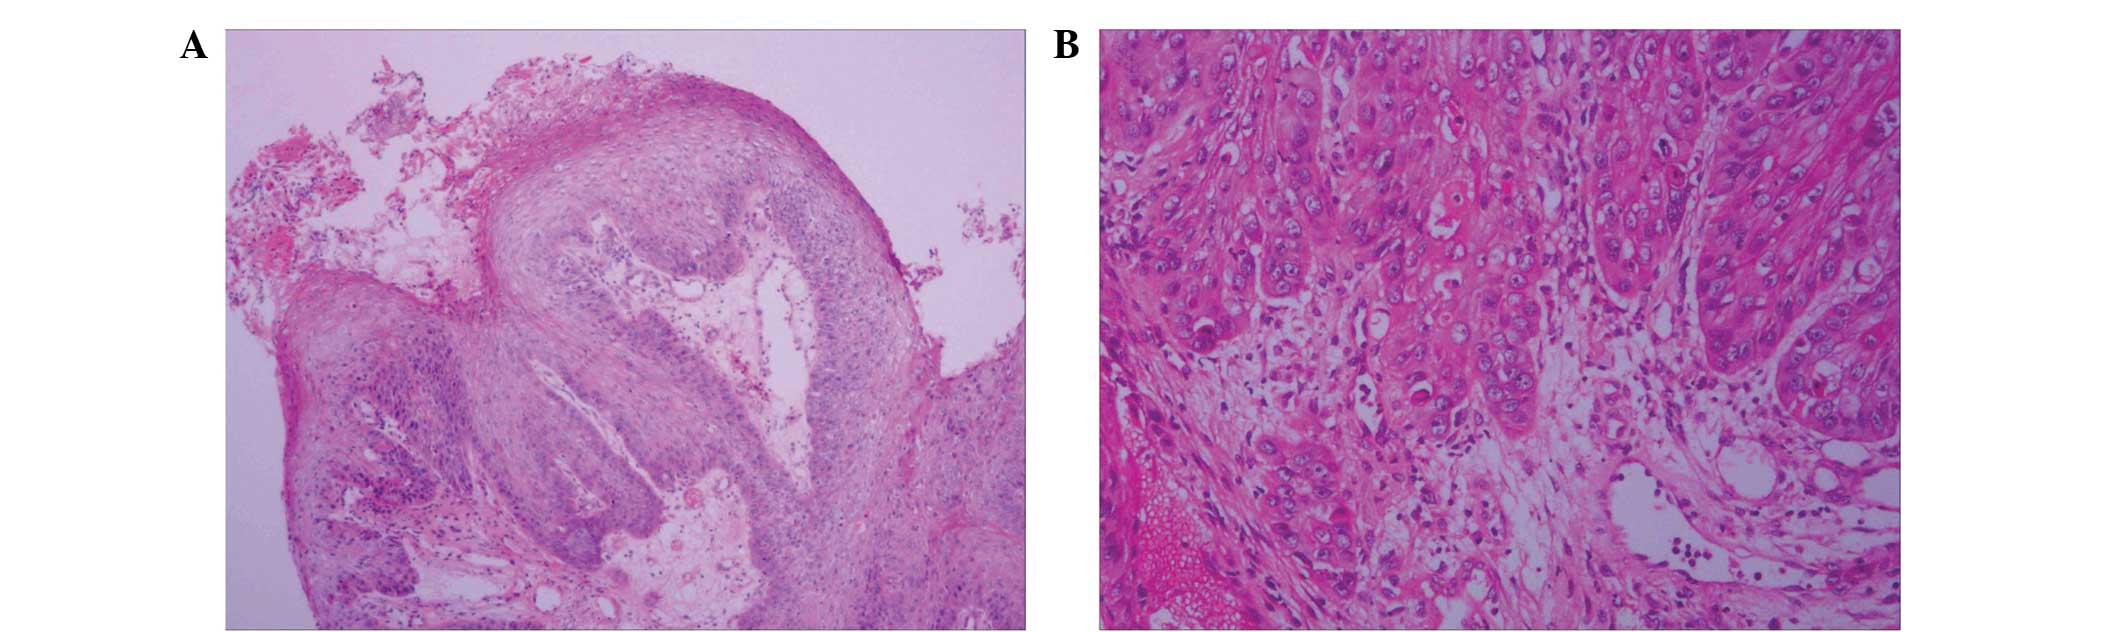 papilloma vs papillary carcinoma)